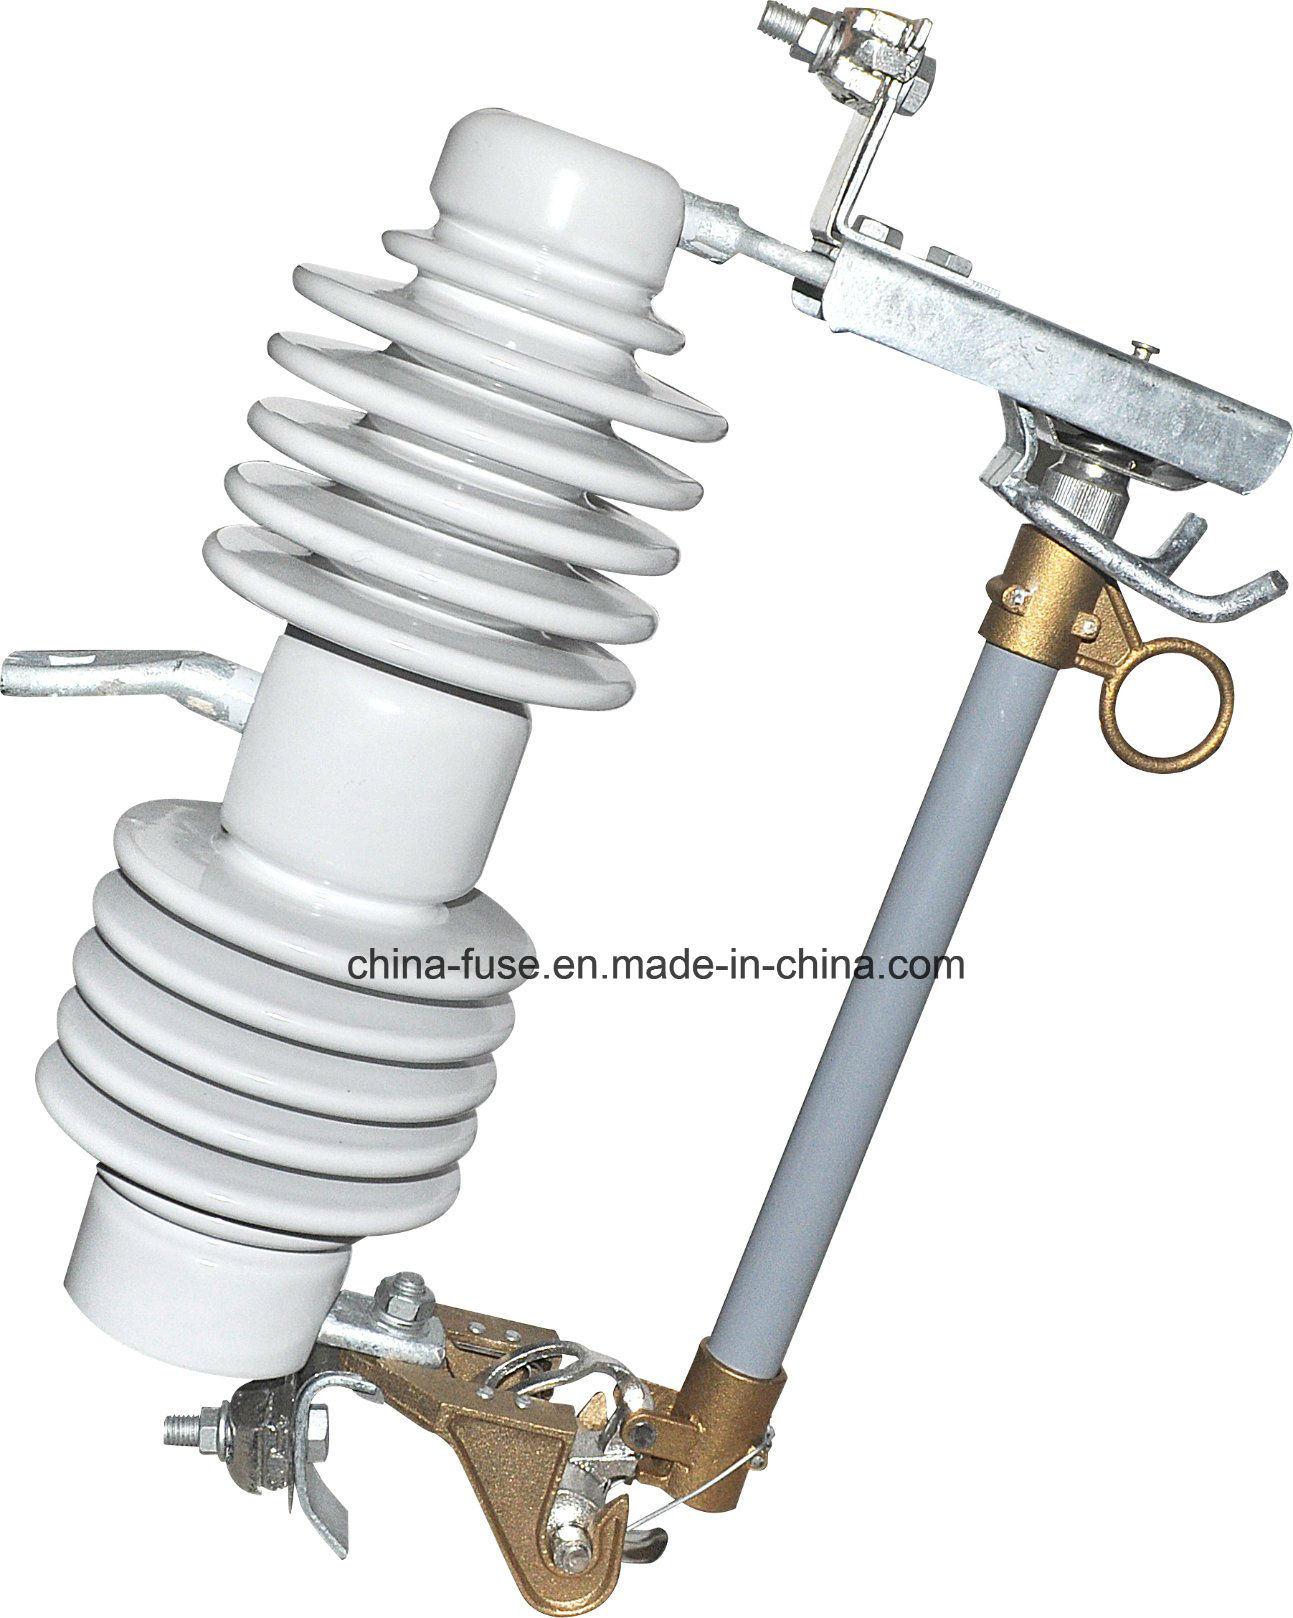 [Hot Item] High Voltage Porcelain Fuse Cutout, Drop out Fuse 24kv 100A